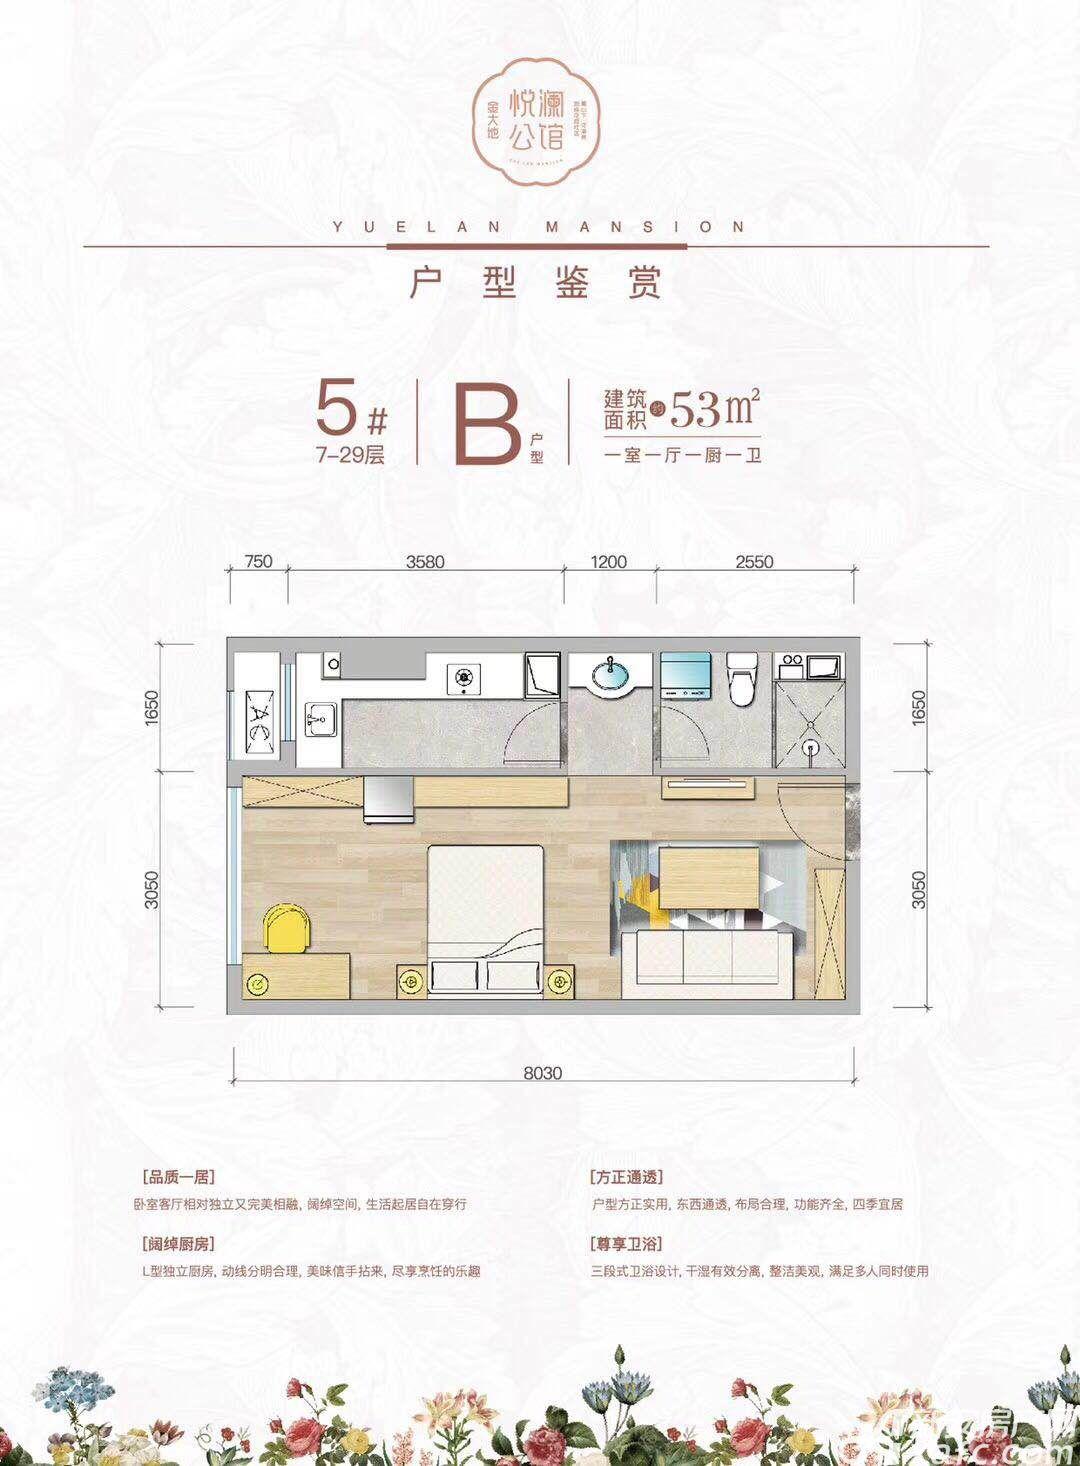 金大地悦澜公馆B户型1室1厅53平米